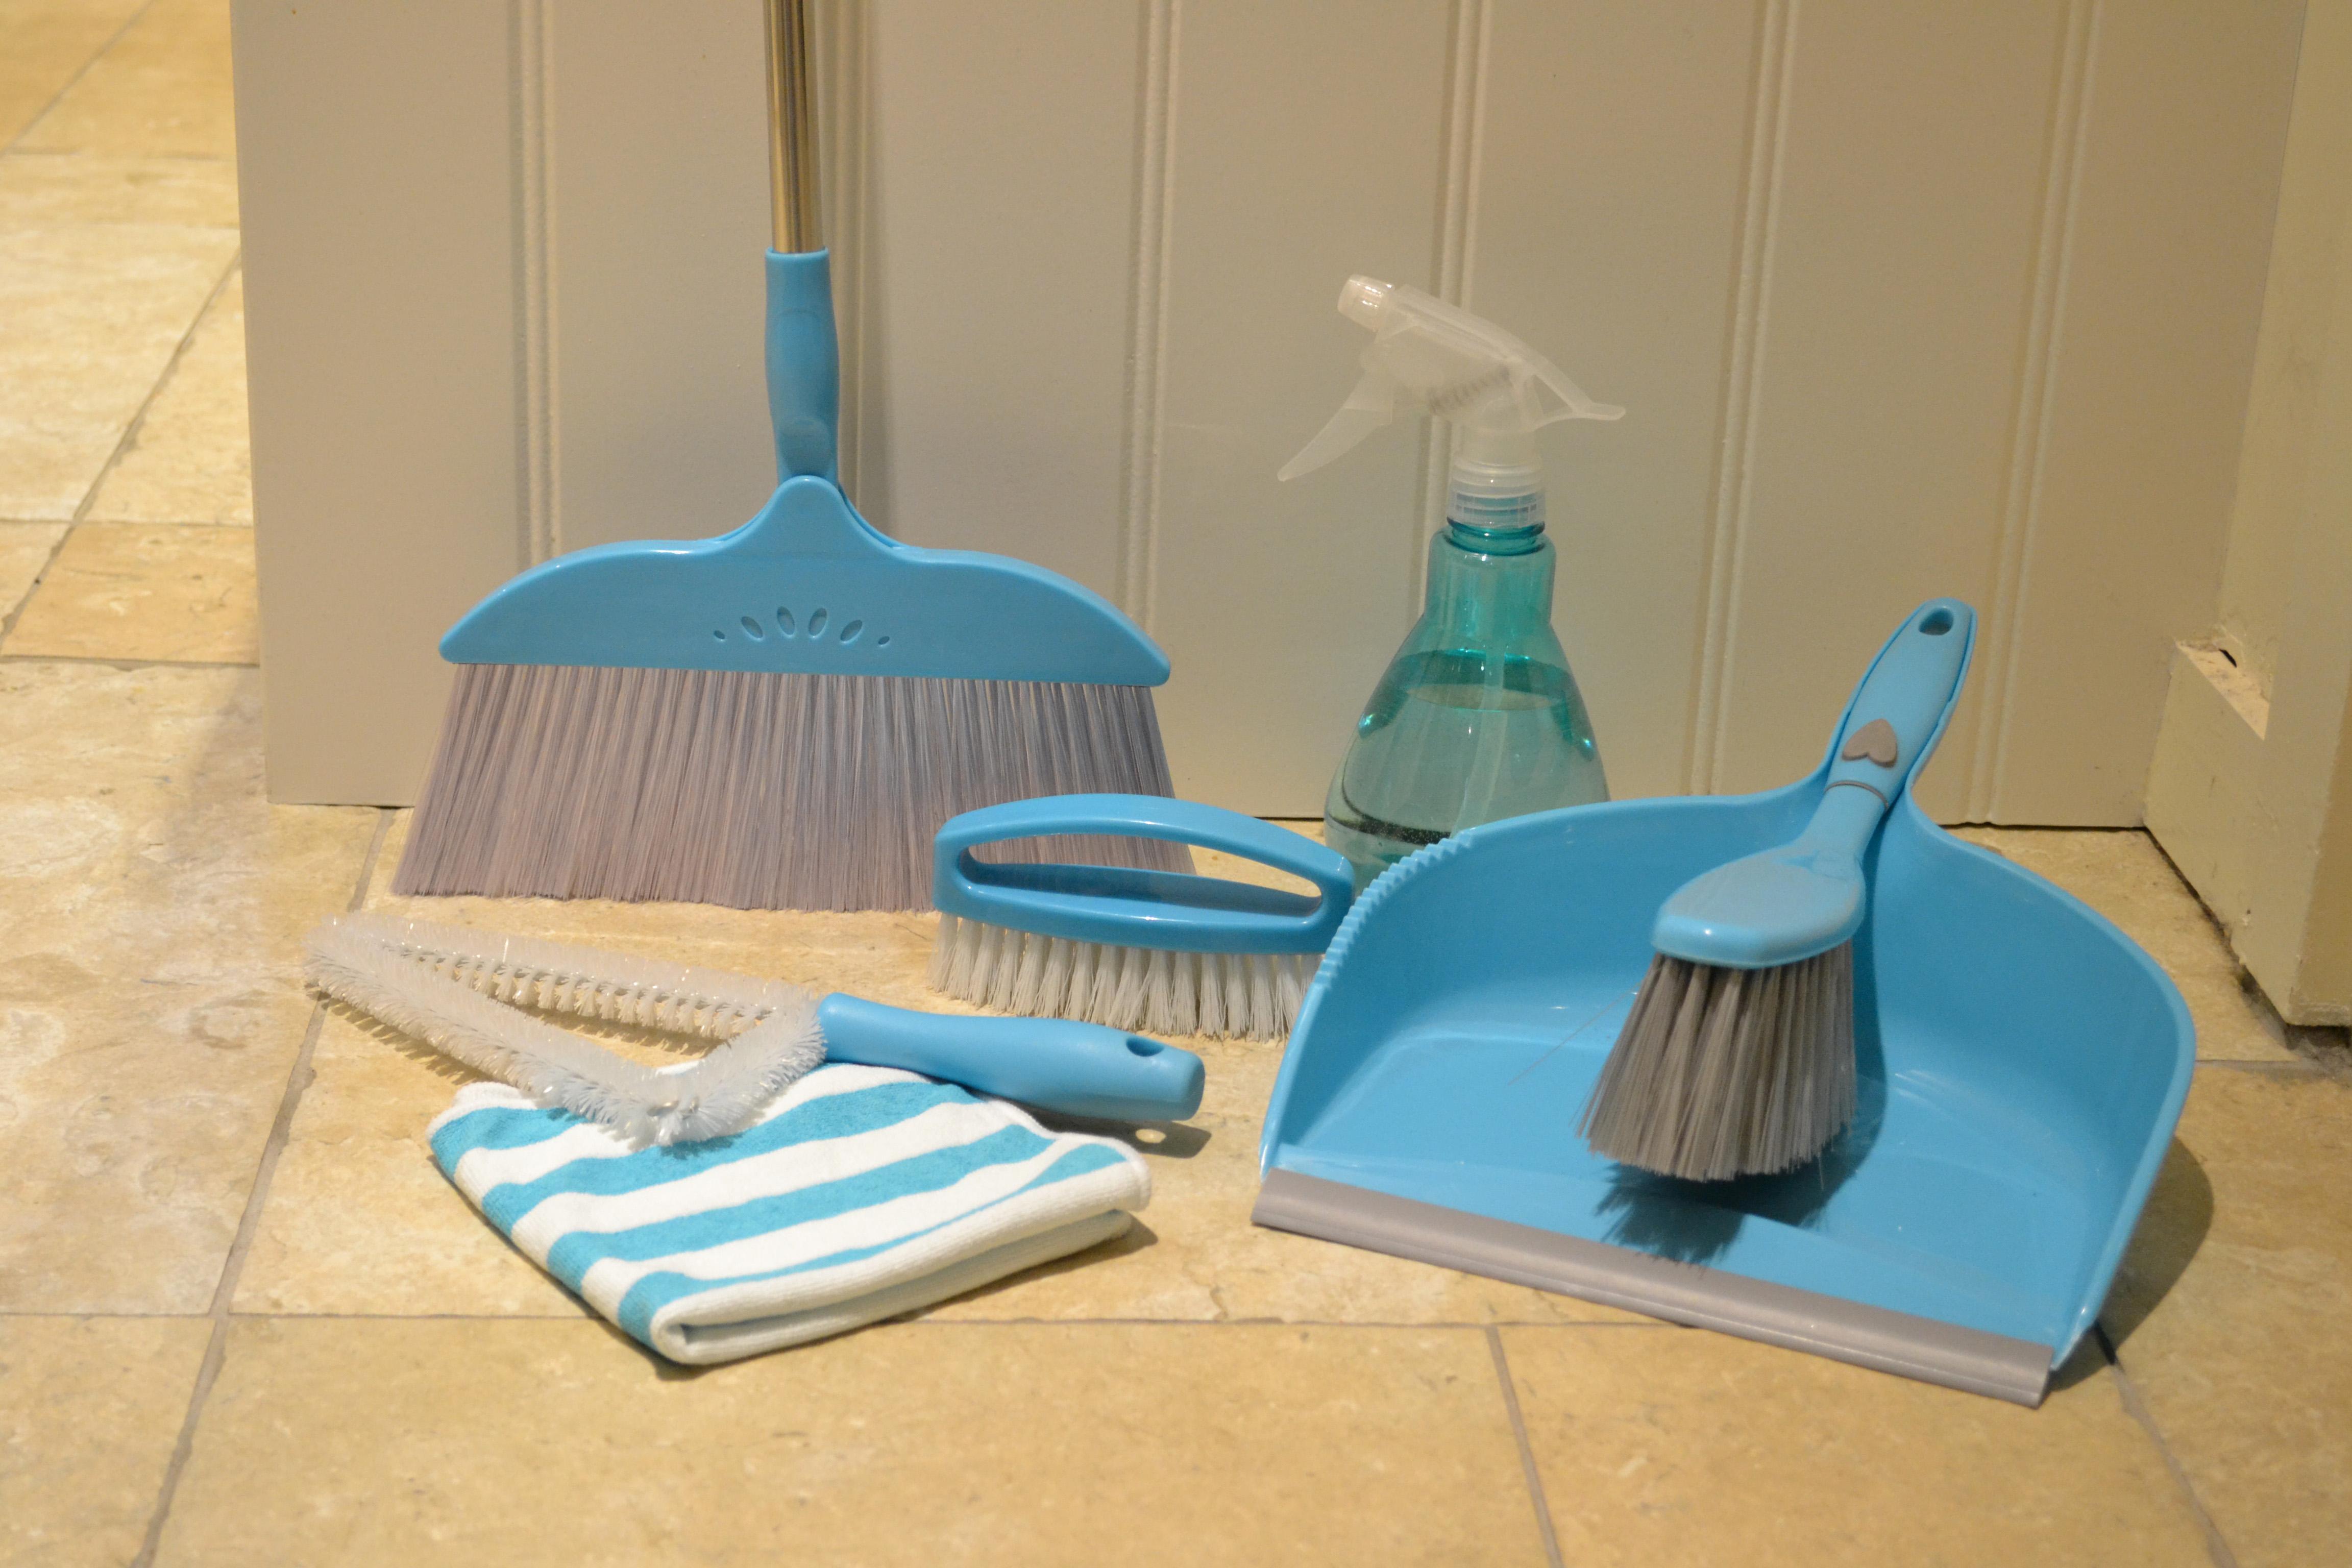 Elliott 25 cm Shower Squeegee: Amazon.co.uk: Kitchen & Home